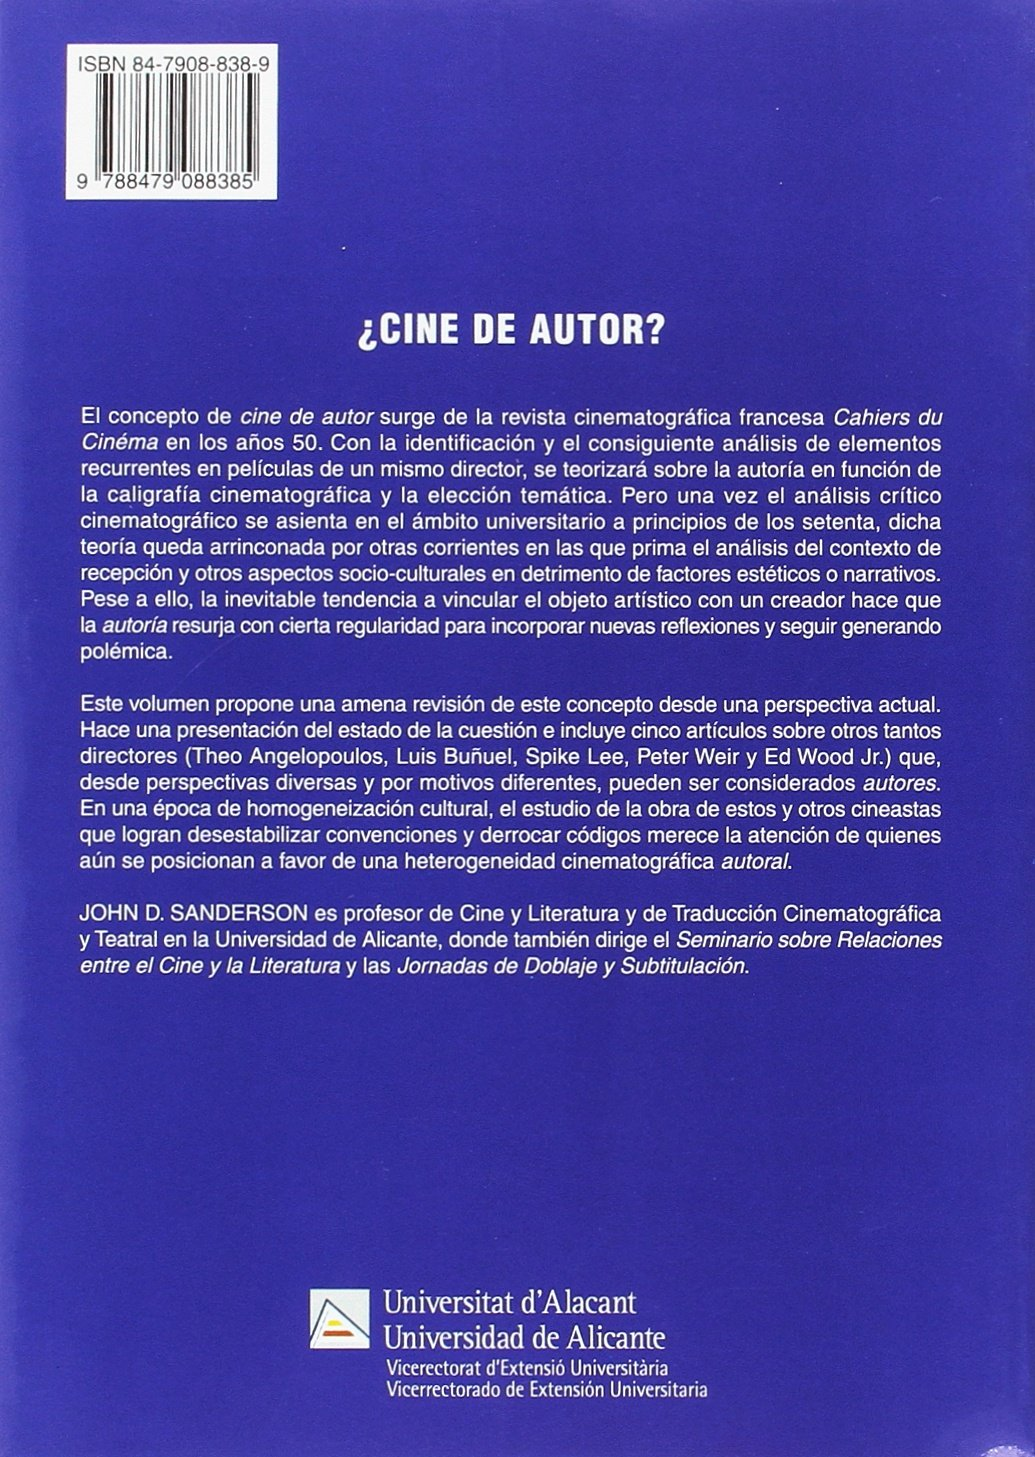 REVISION DEL CONCEPTO DE AUTORIA CINEMATOGRAFICA: John D. Sanderson: 9788479088385: Amazon.com: Books